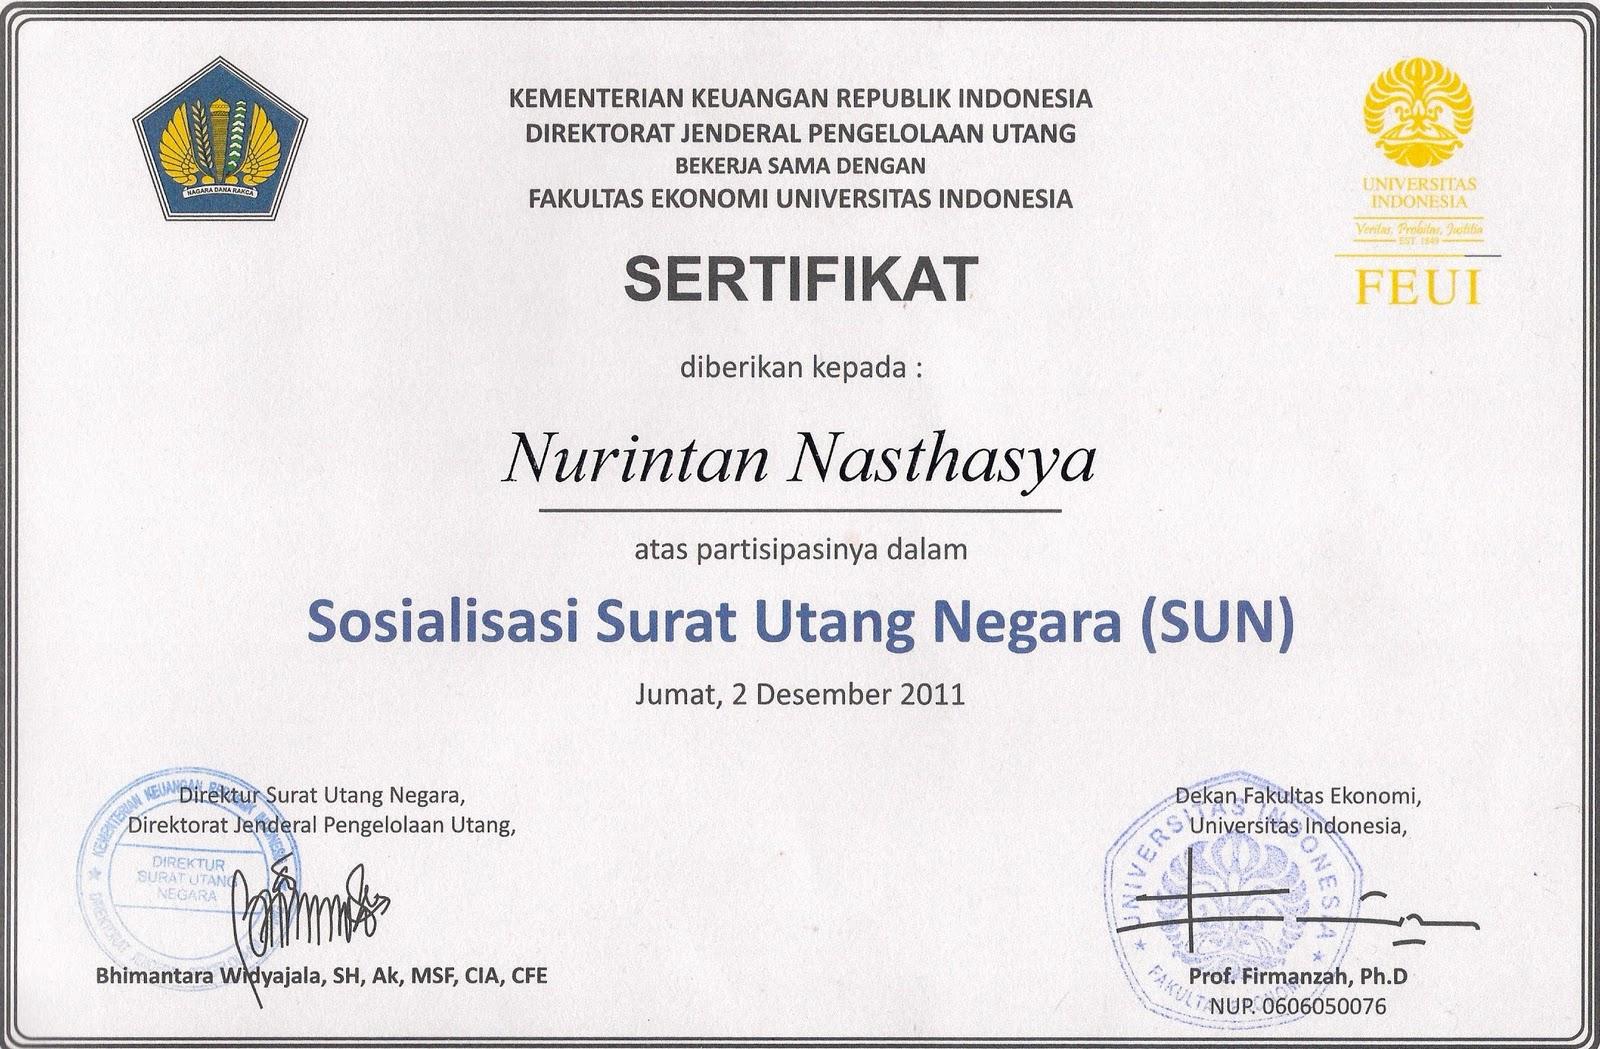 Nurintan Nasthasya Sertifikat